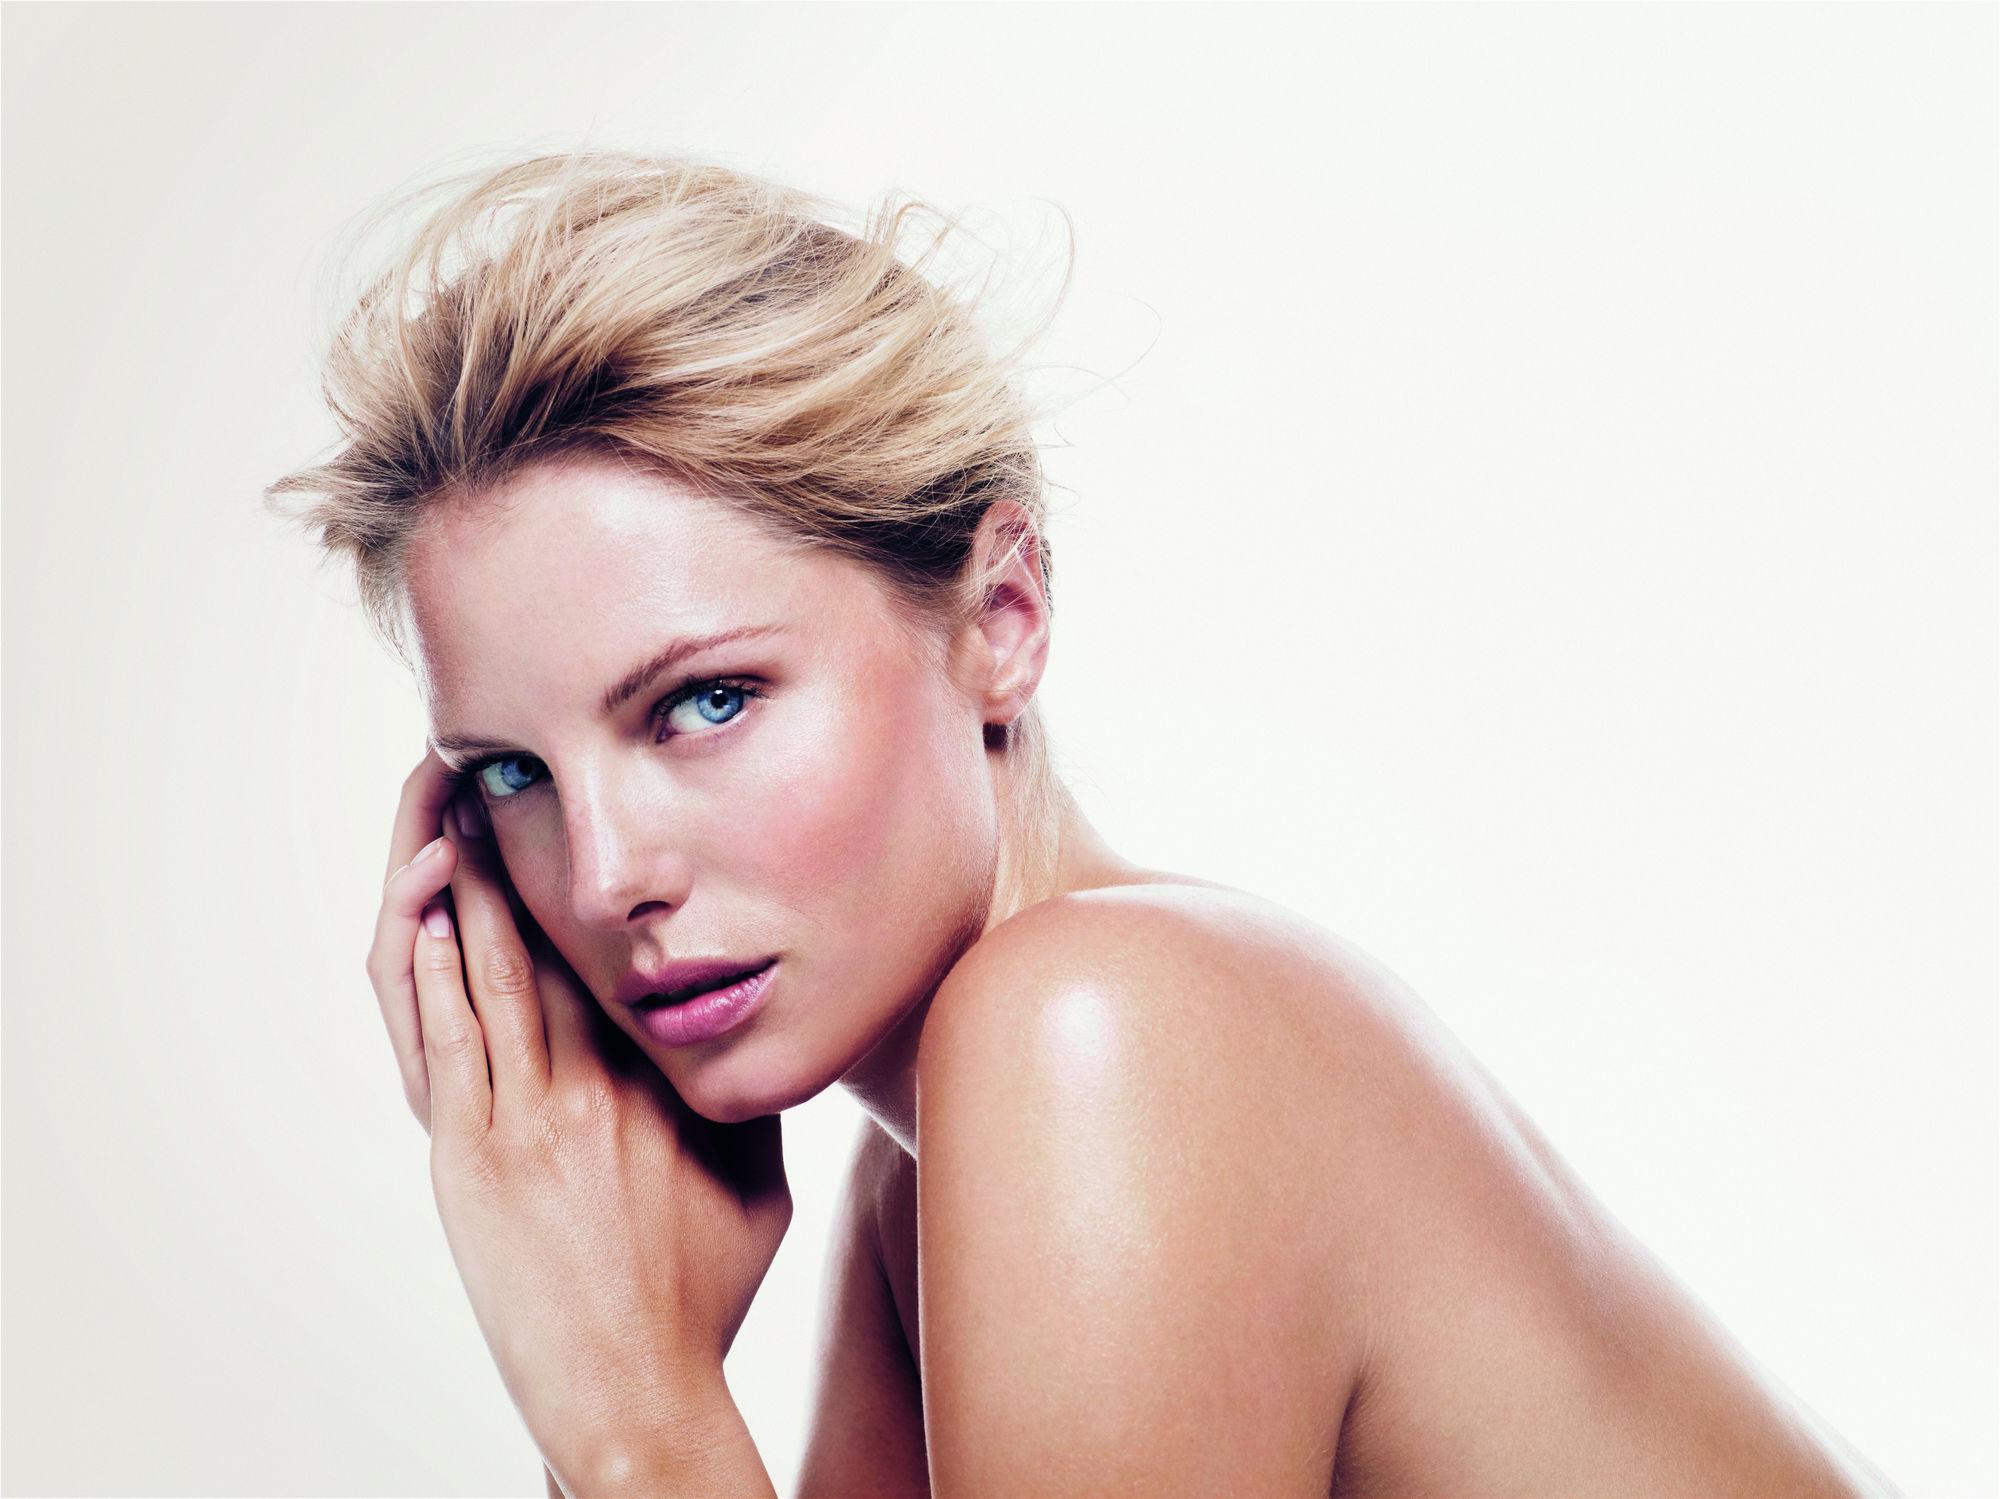 BIRGIT STöVER: Tina LUTHER for Klafs